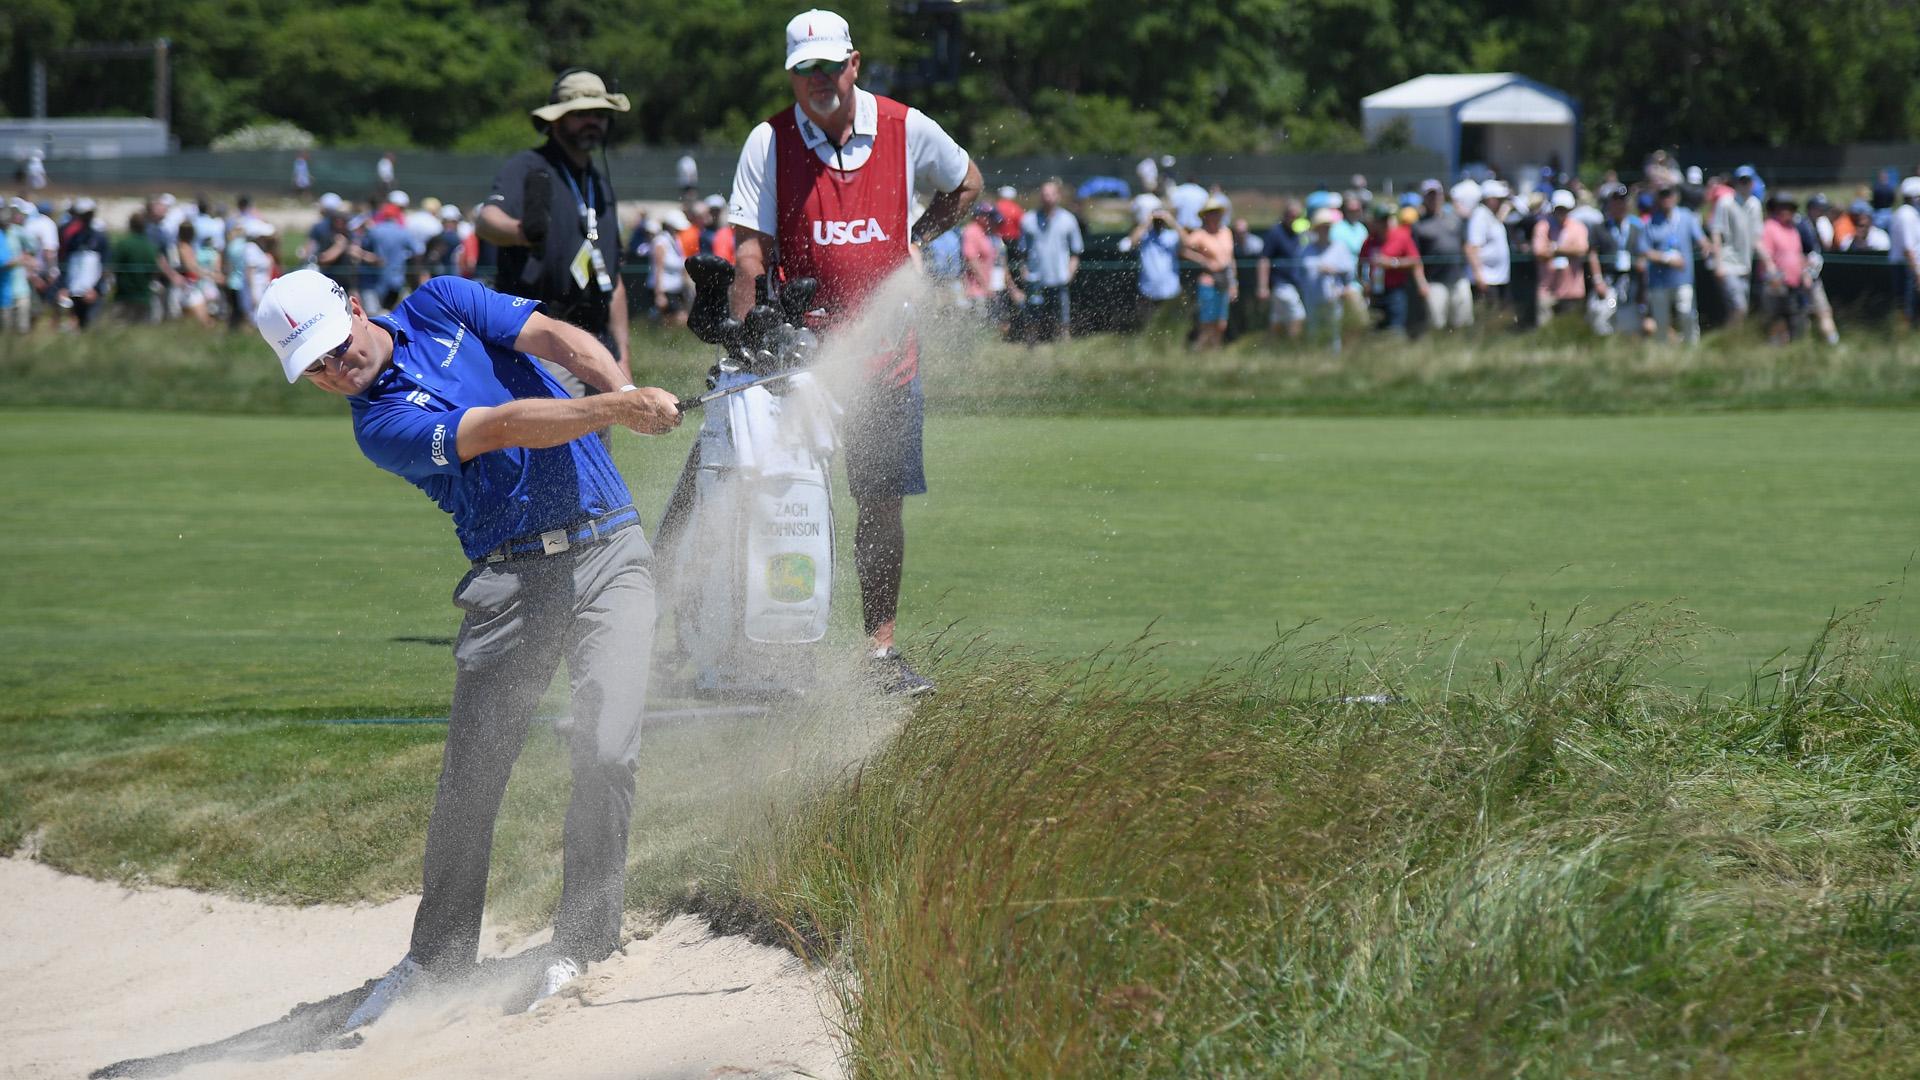 U.S. Open 2018: Zach Johnson says USGA has 'lost the course'